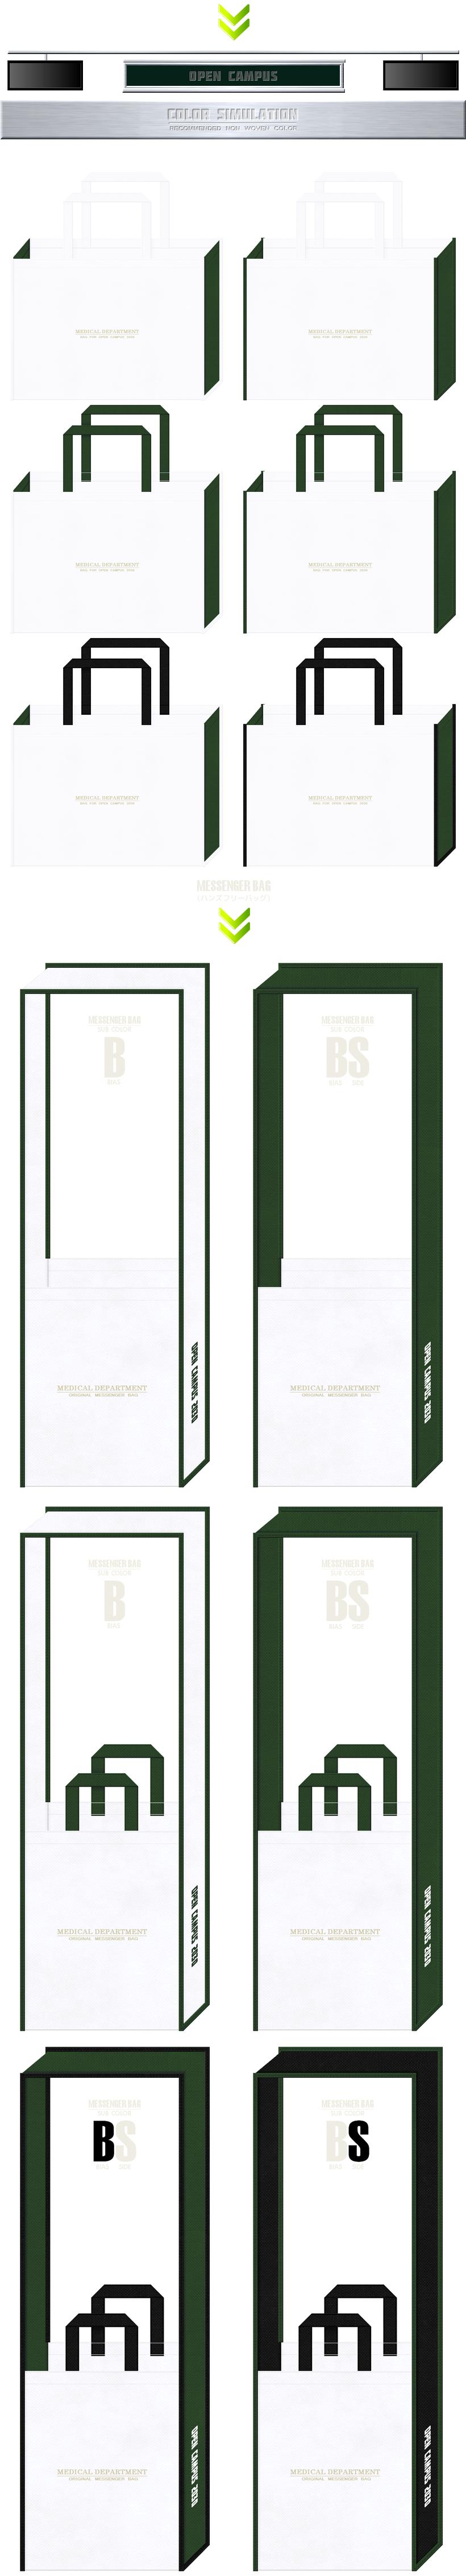 白色と濃緑色をメインに使用した、不織布バッグのカラーシミュレーション(医学・薬学・医療):医学部・オープンキャンパスのバッグ